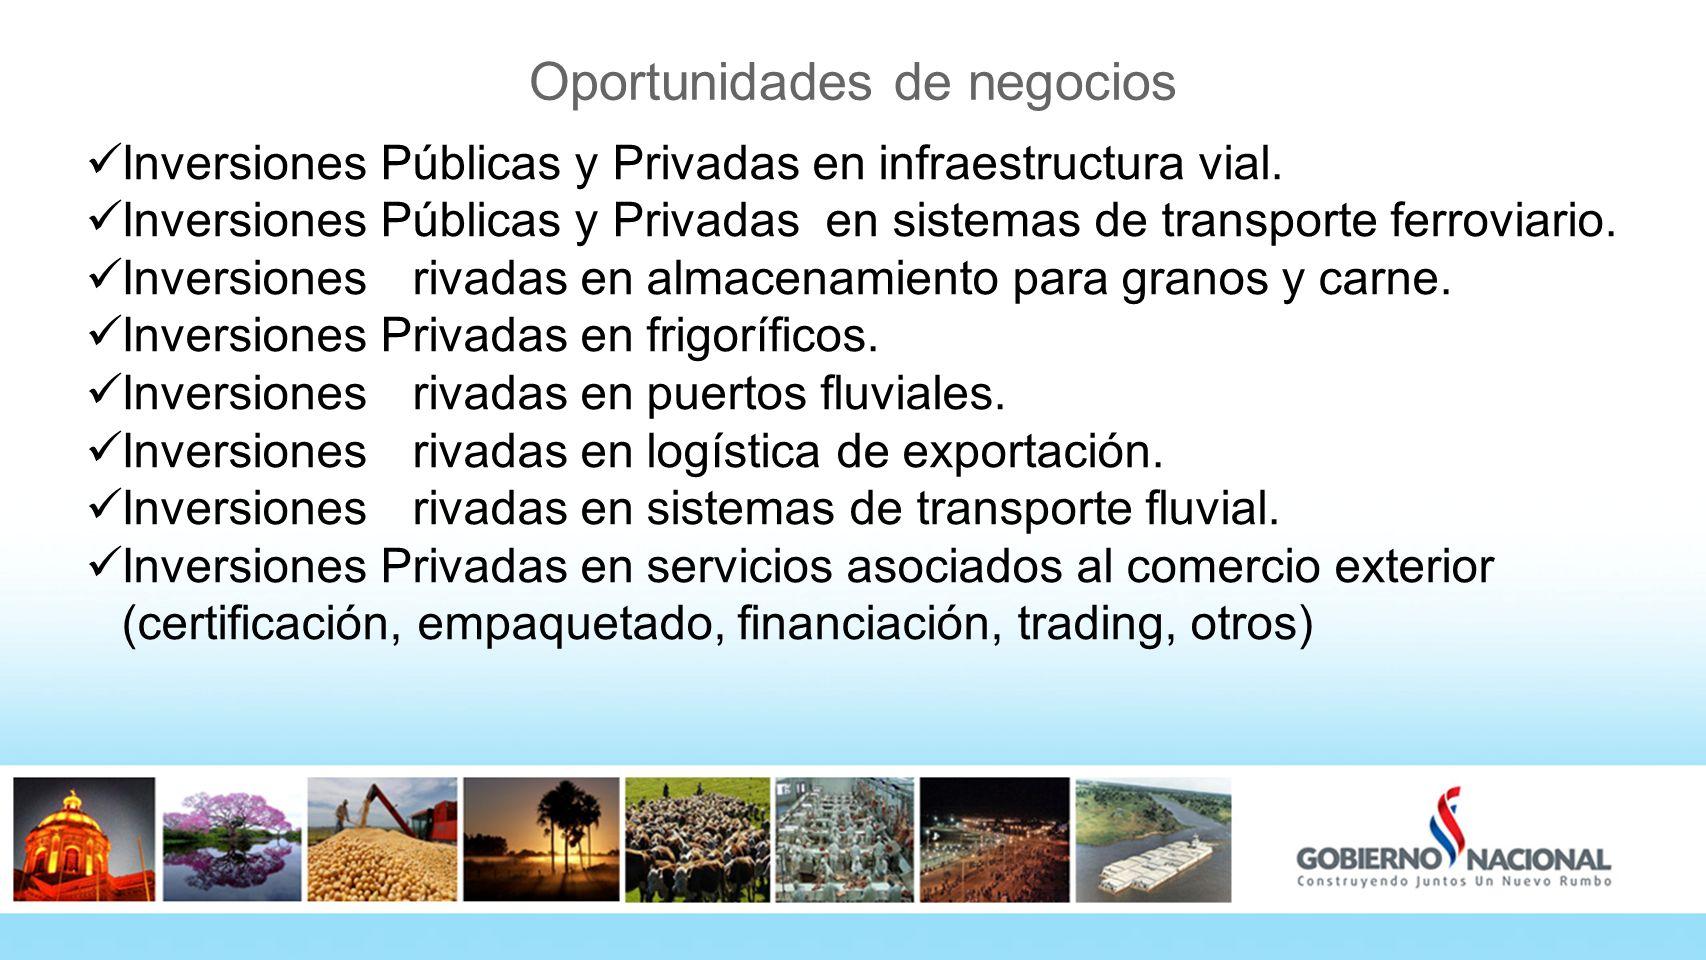 Oportunidades de negocios Inversiones Públicas y Privadas en infraestructura vial. Inversiones Públicas y Privadas en sistemas de transporte ferroviar